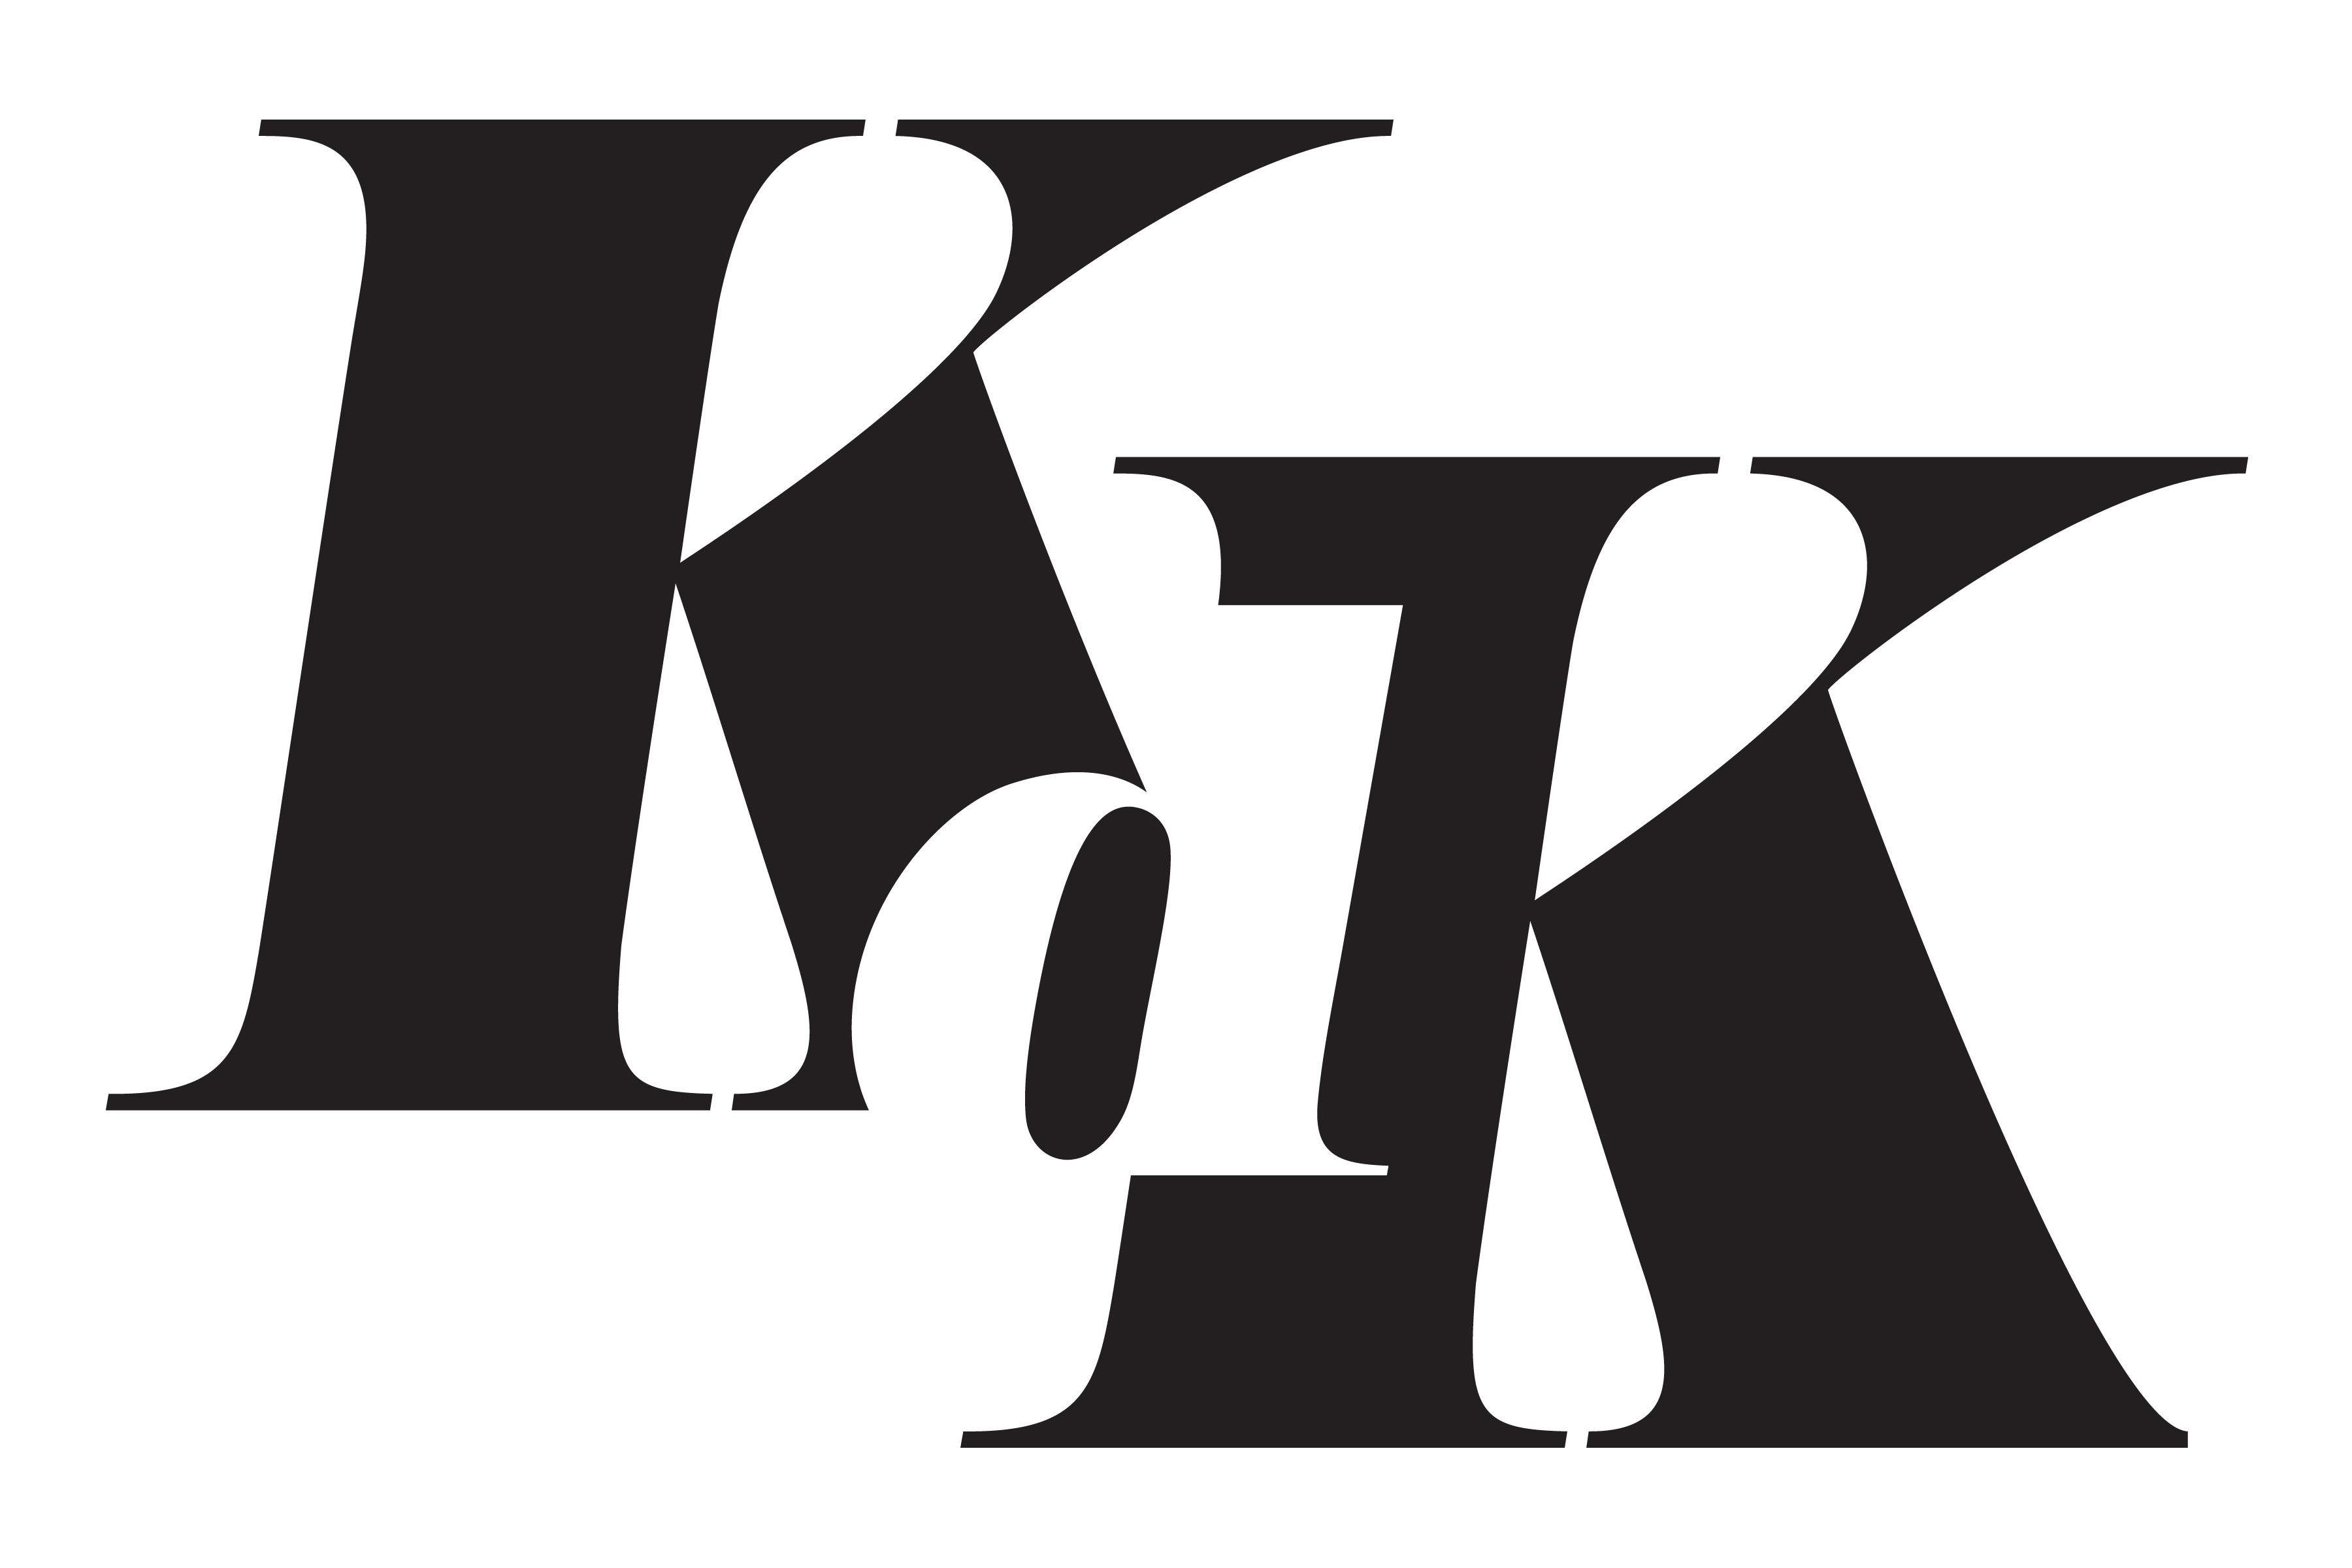 kdk-logo-1